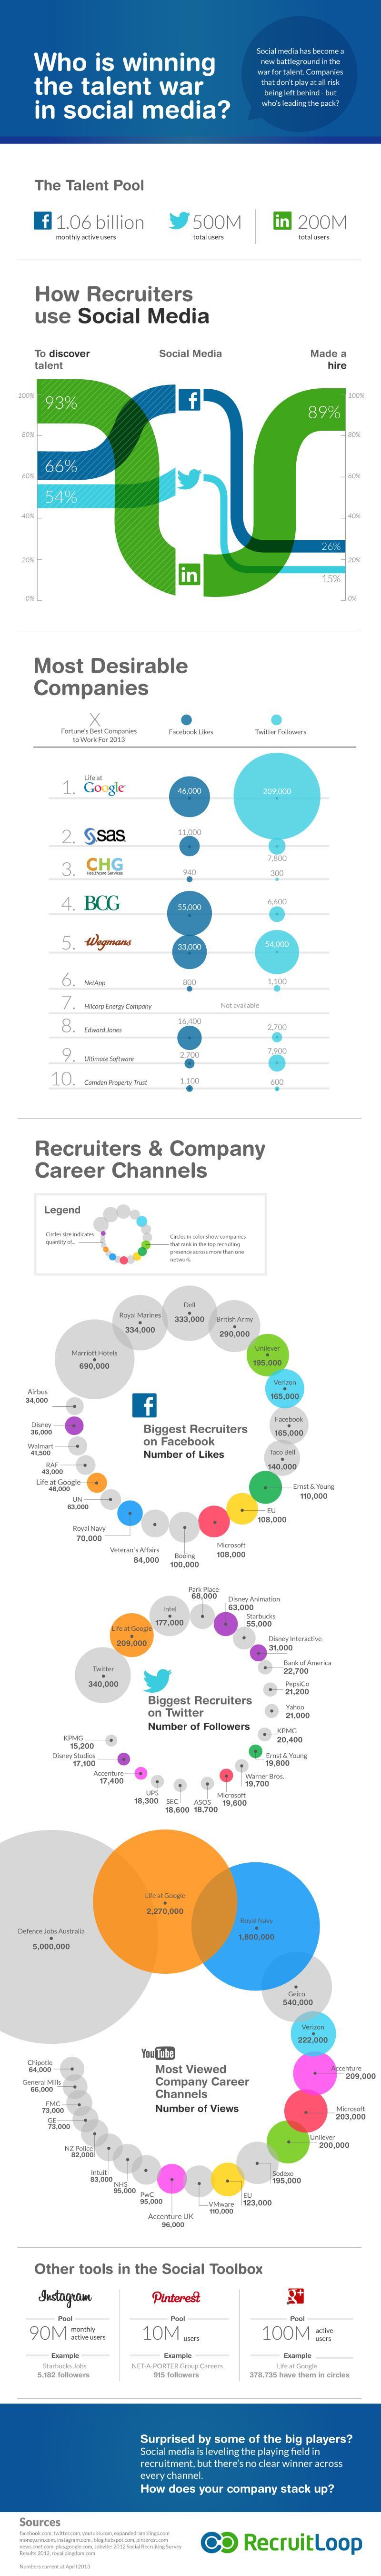 Talent War in Social Media